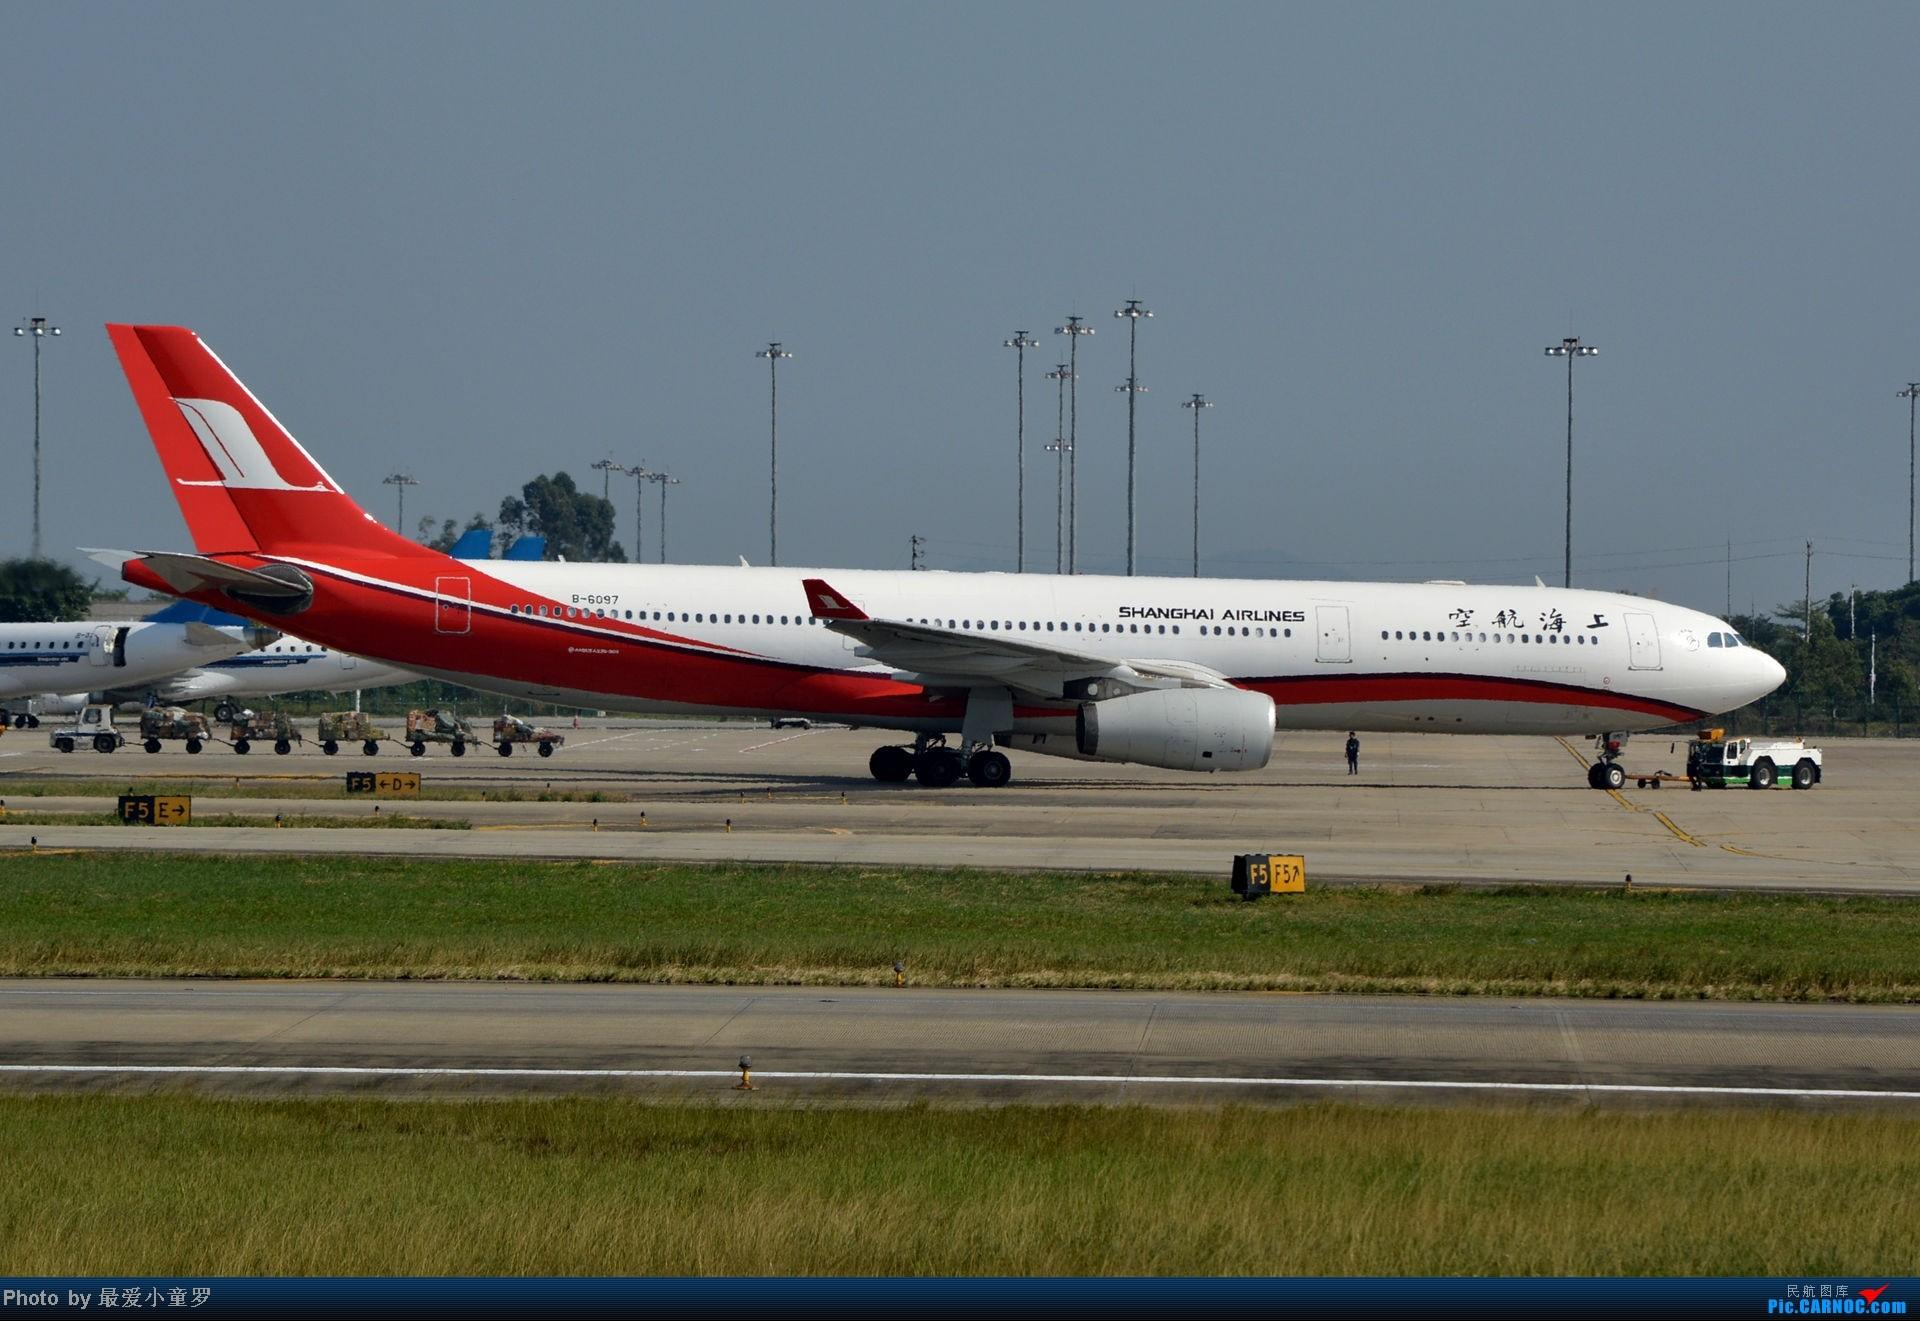 Re:[原创]老图系列,13年11月15日广州白云机场西跑拍机 AIRBUS A330-300 B-6097 中国广州白云机场